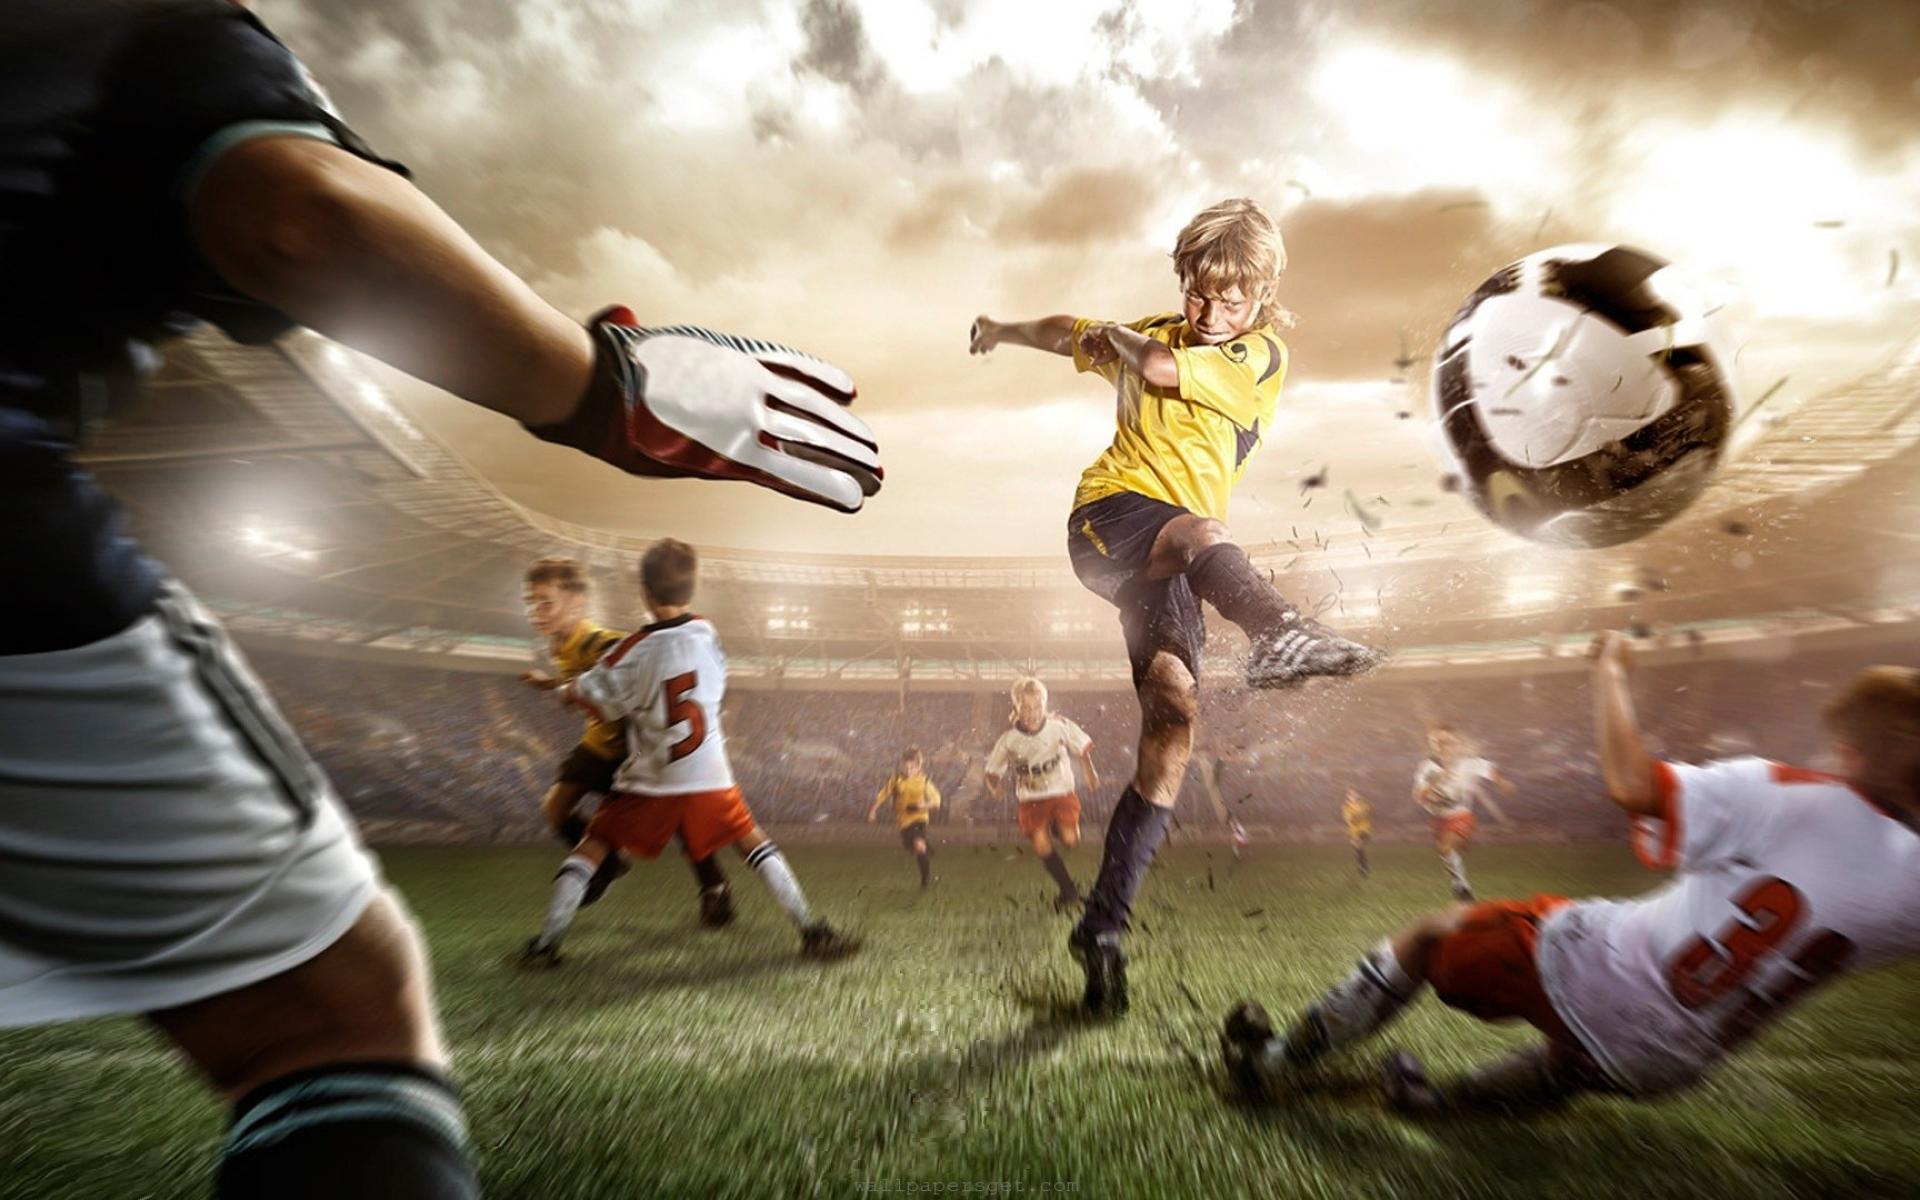 เทคนิคแทงบอลเดี่ยว สูตรการแทงบอลที่เล่นง่ายที่สุดบนเว็บ SBOBET